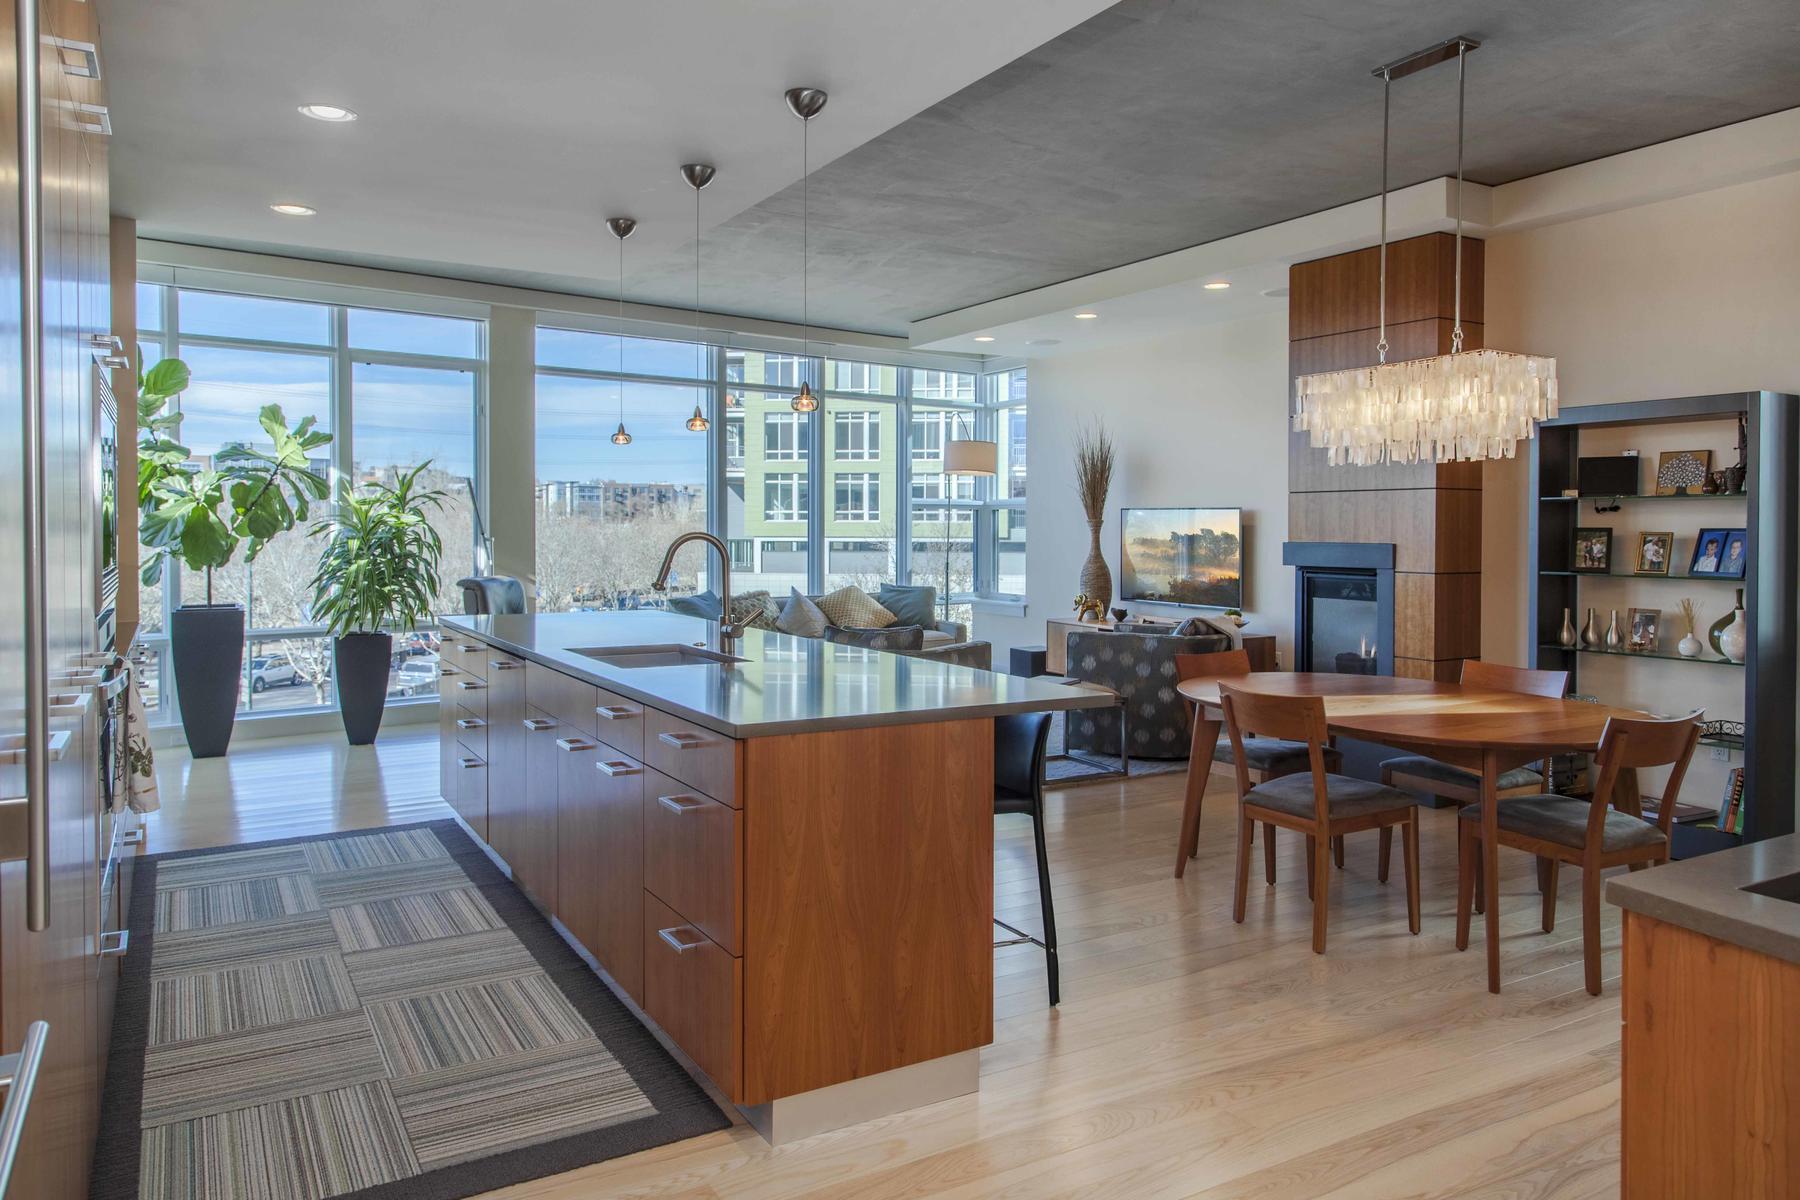 Single Family Home for Active at 1690 Bassett Street #16 1690 Bassett Street #16 Denver, Colorado 80202 United States